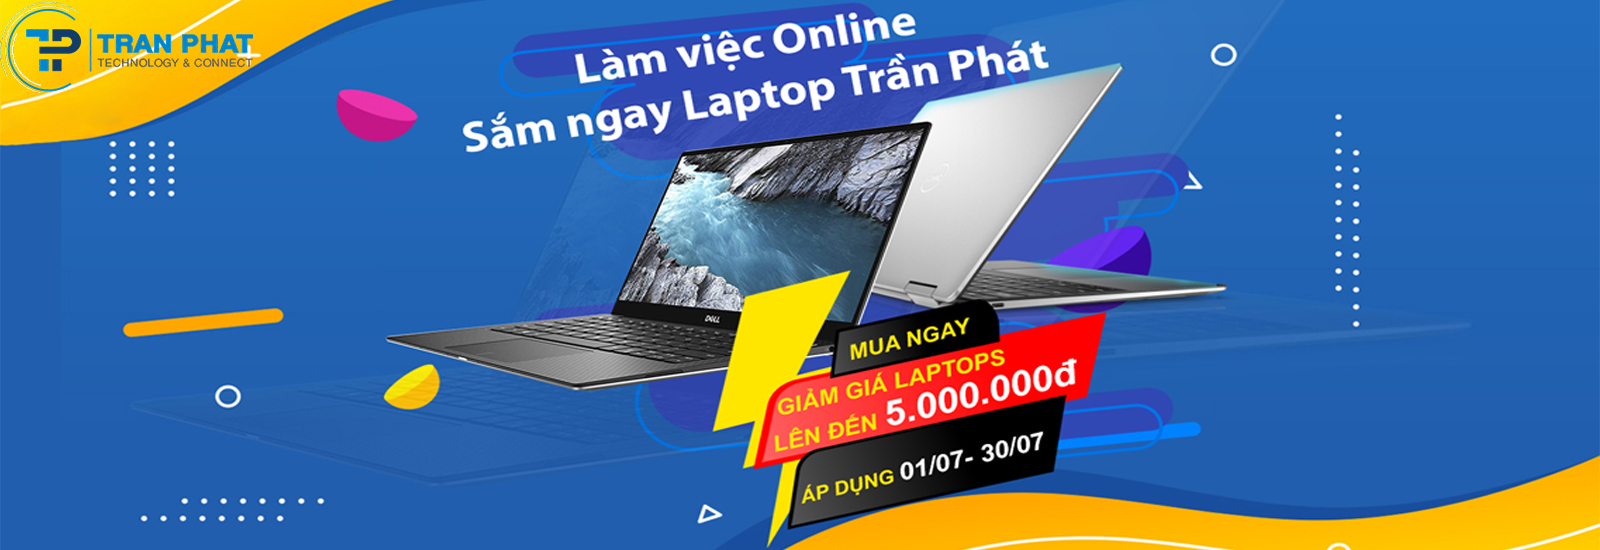 Làm việc Online - Ưu đãi Laptop Tháng 6